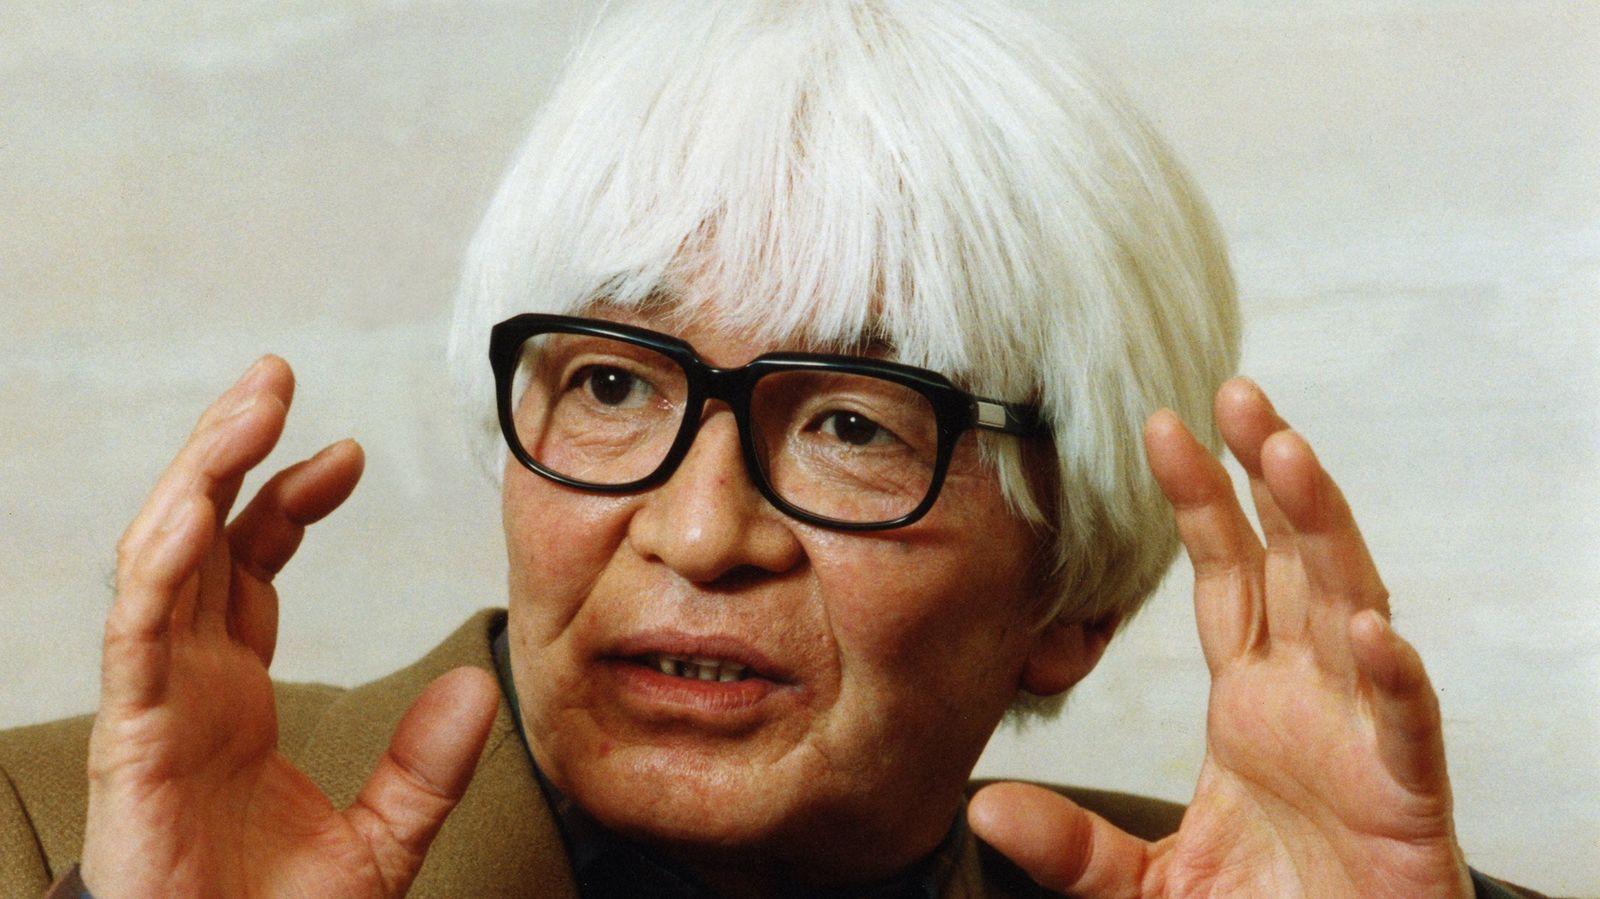 司馬遼太郎「麻原は日本史上で何番目の悪人か」 人間はもう宗教に救われなくていい